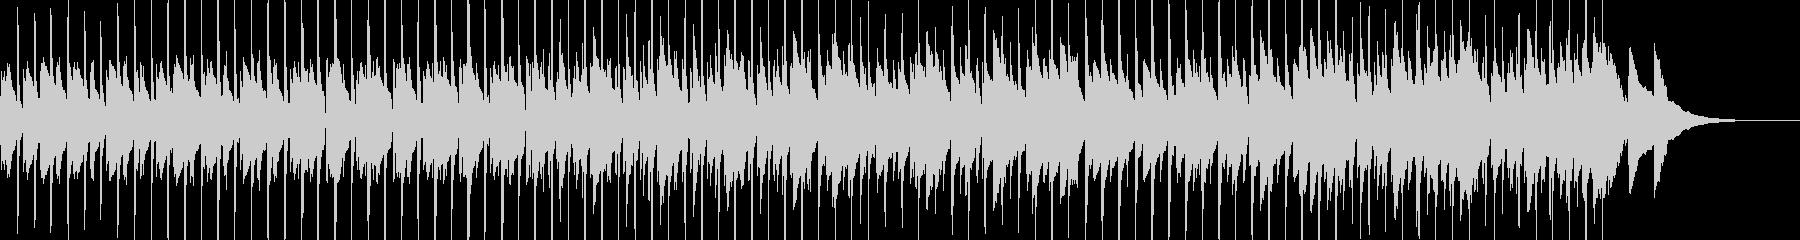 コソコソとした抜き足差し足なBGM Bの未再生の波形